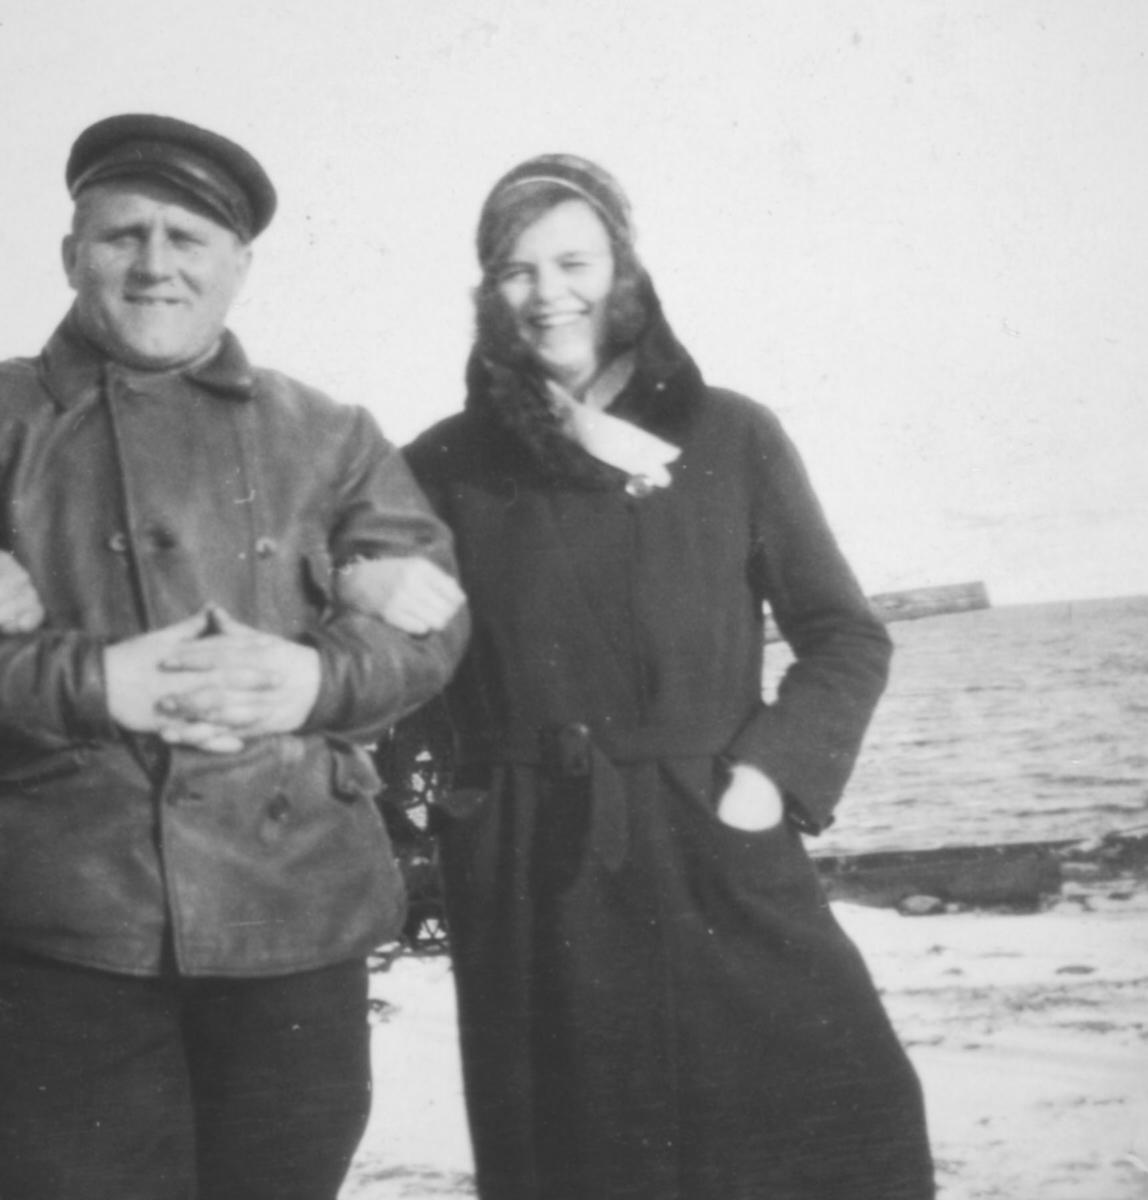 En kvinne og en mann står arm-i-arm ute. Personene er ukjente, men bildet er muligens tatt i Kvalsund kommune.